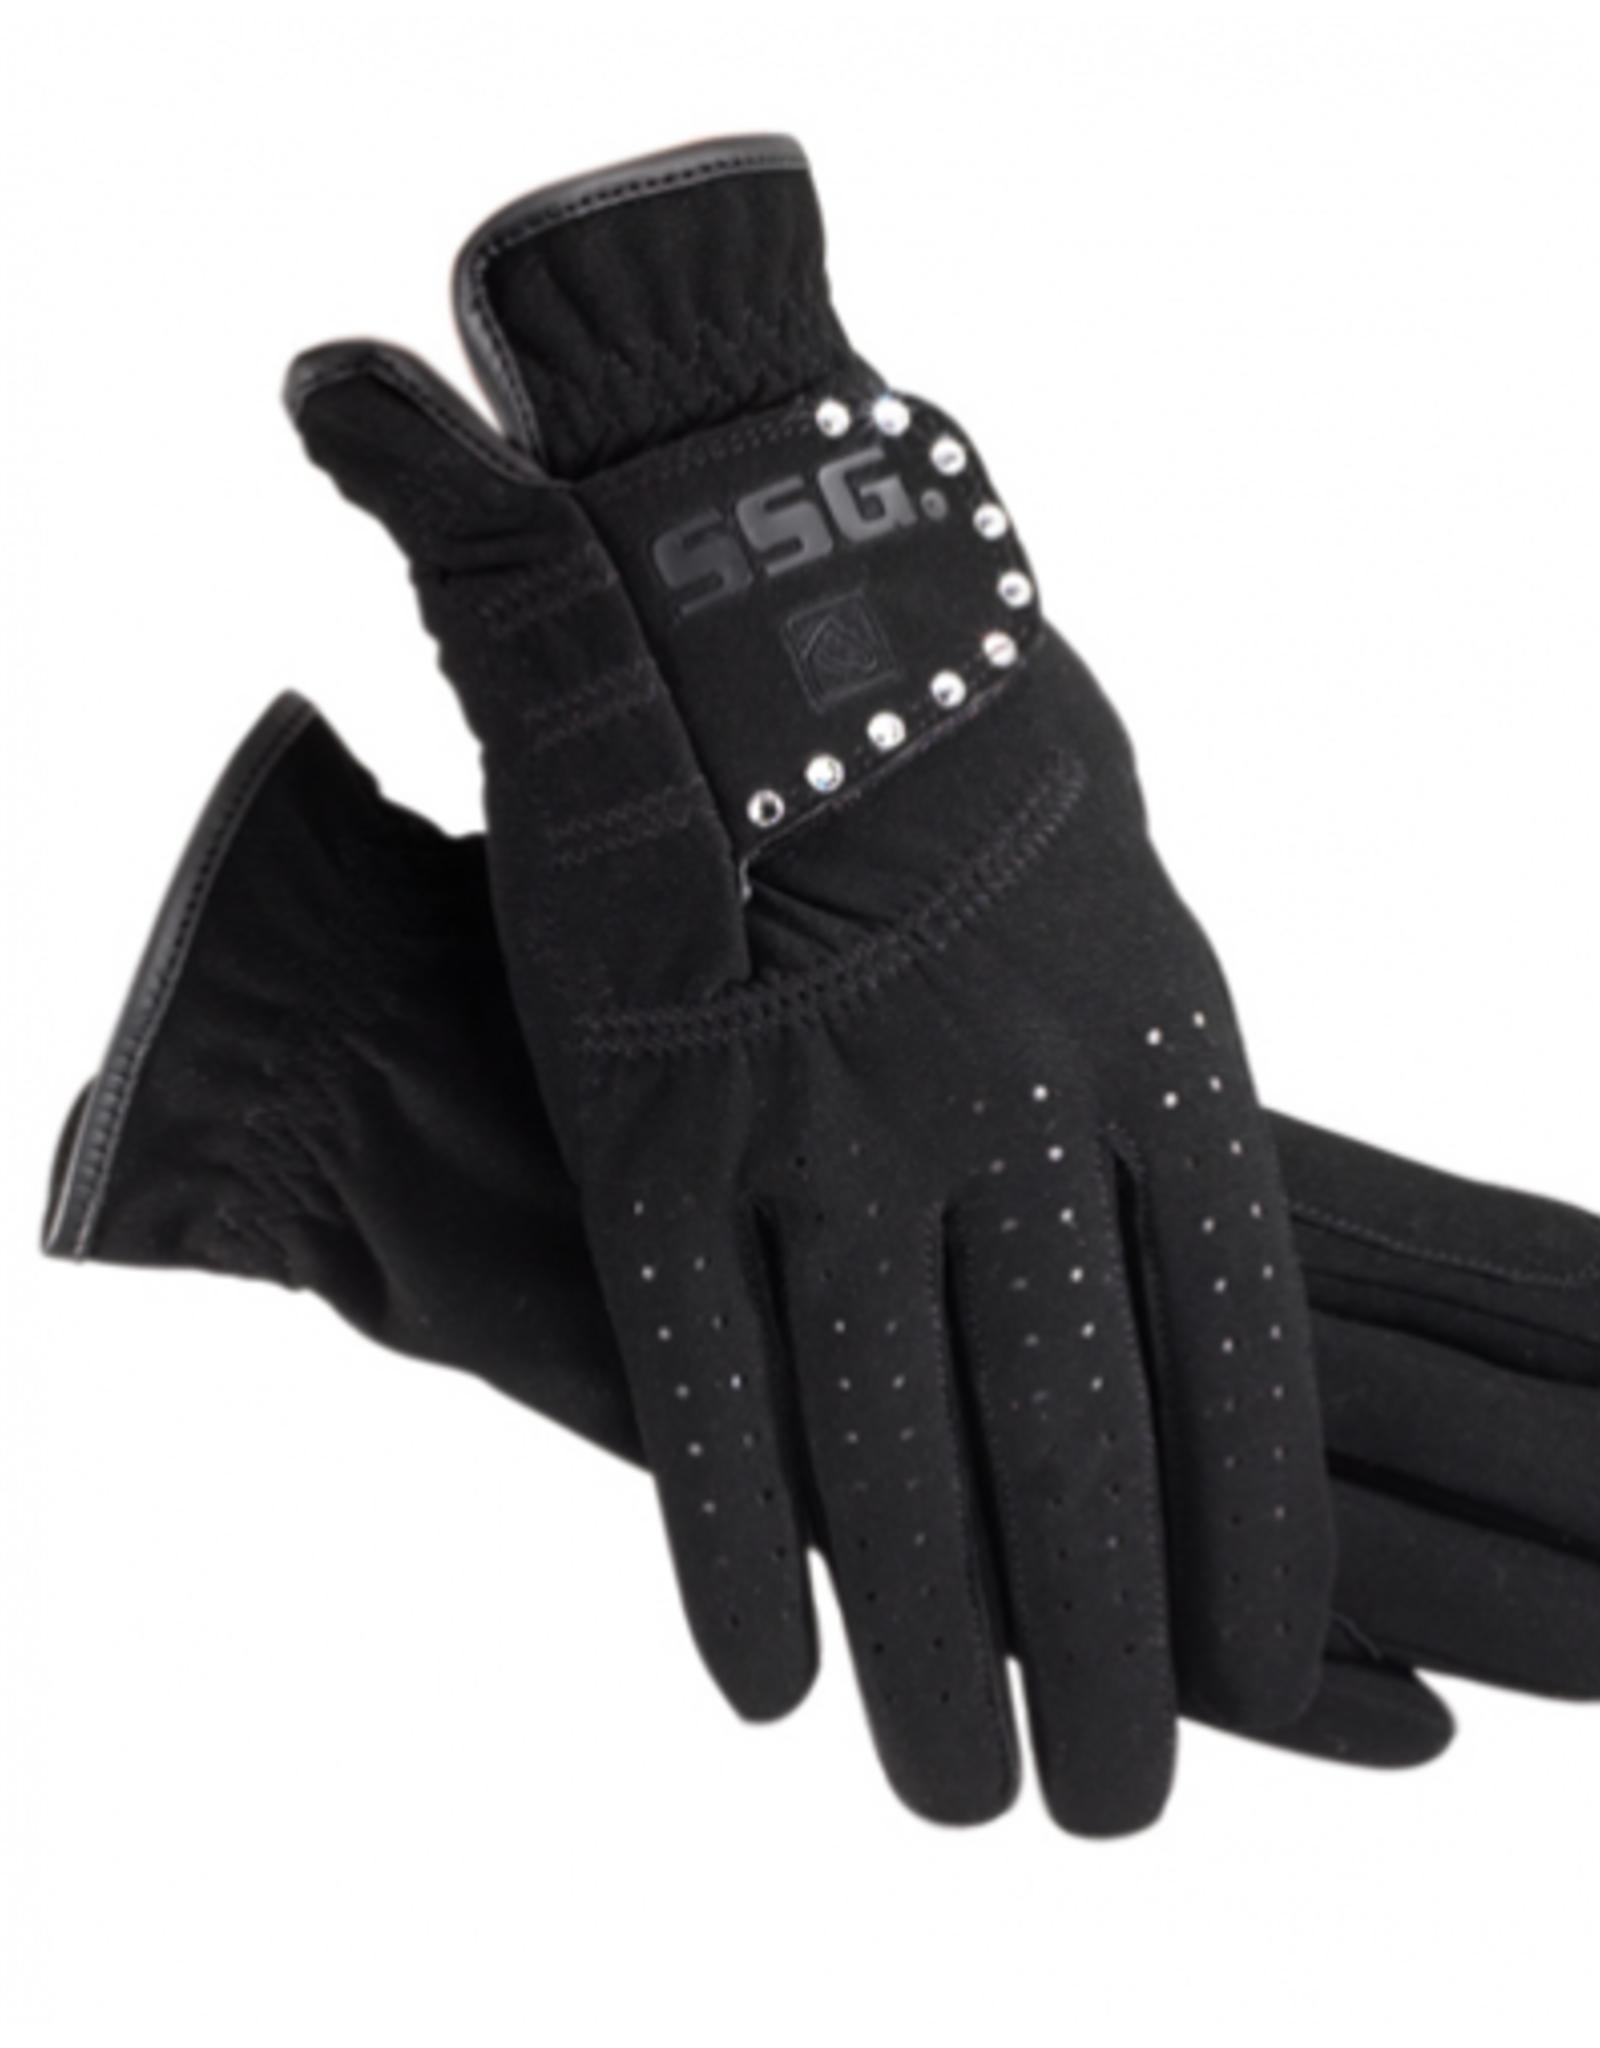 SSG Grand Prix Bling Glove